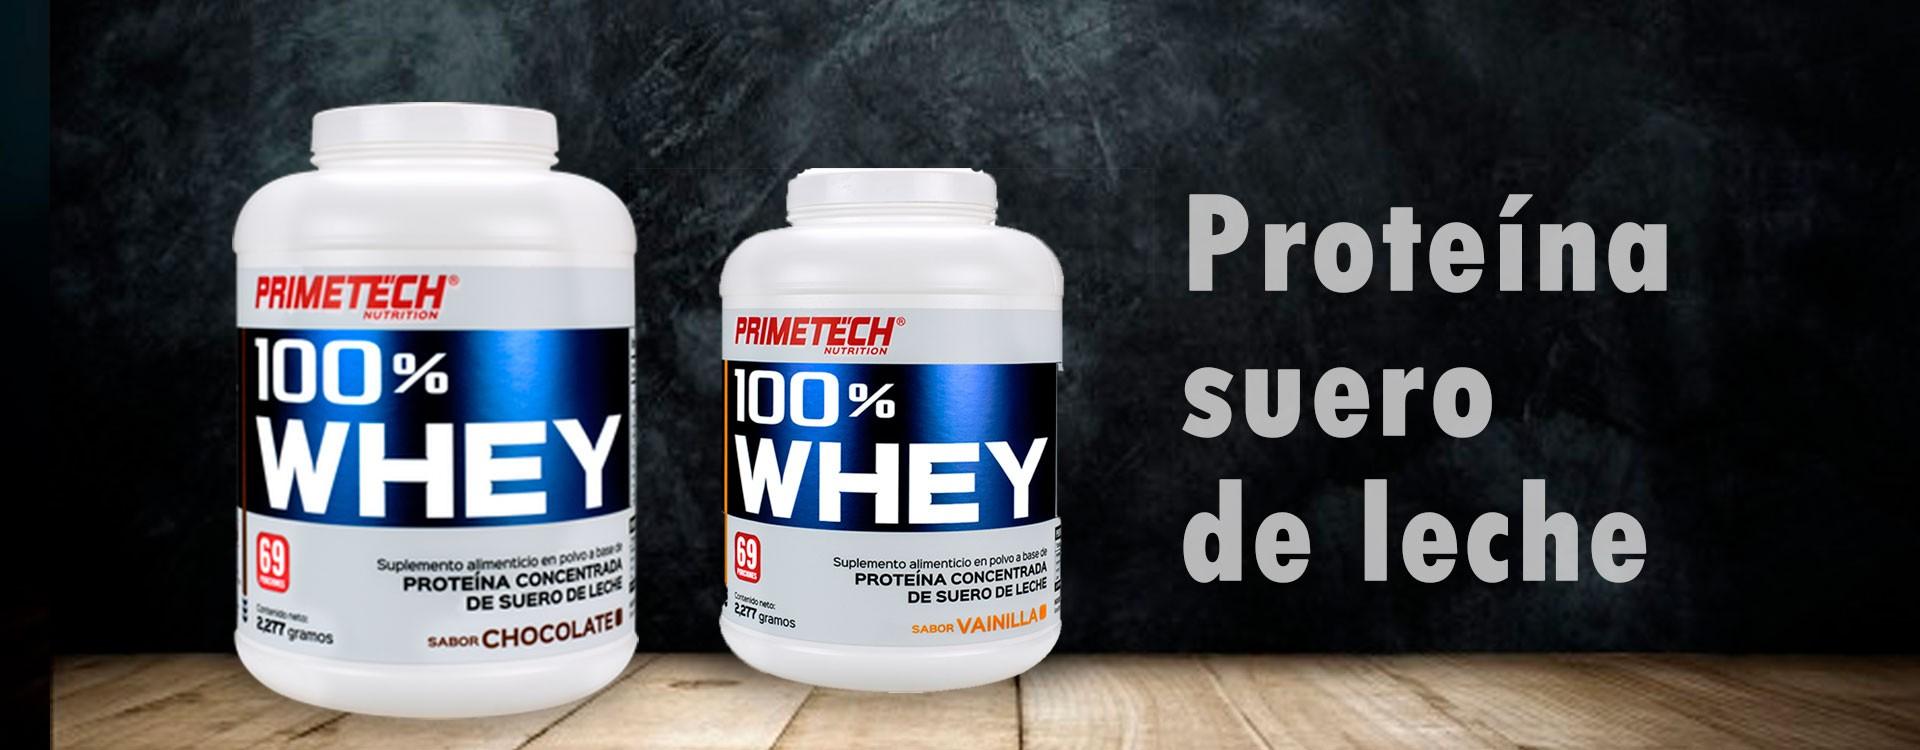 Proteína 100% Whey de calidad y al mejor precio en México